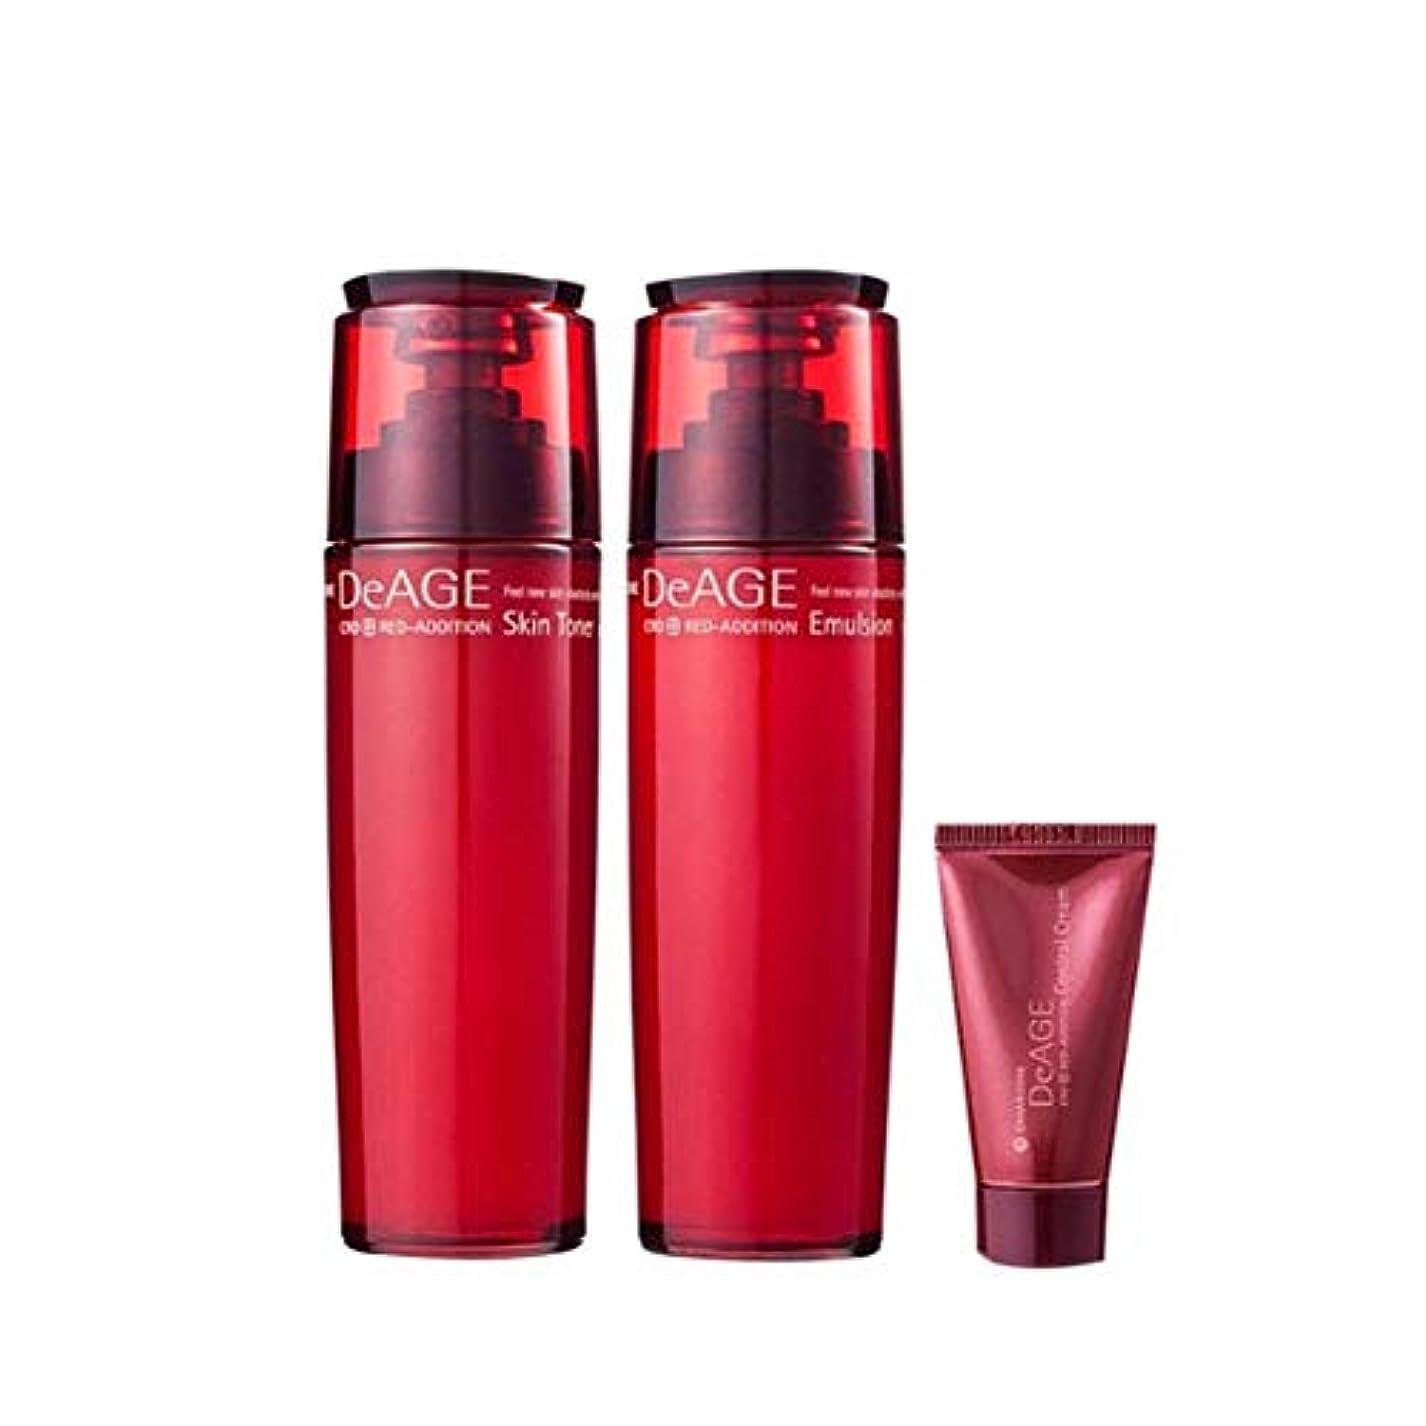 入場料罰するインフラチャムジョンディエイジレッドエディションセット(スキントナー130ml、エマルジョン130ml、コントロールクリーム15ml)、Charmzone DeAGE Red Addition Set(Skin Toner 130ml...